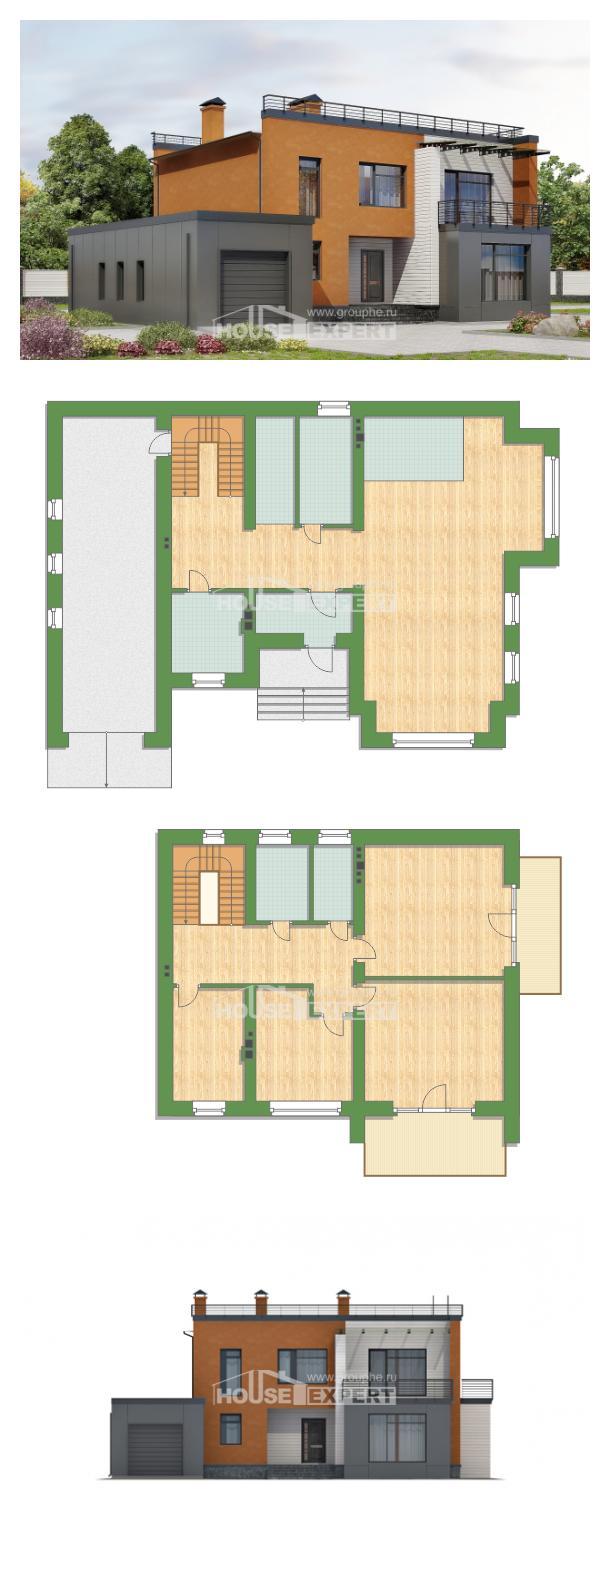 Plan 260-002-L | House Expert